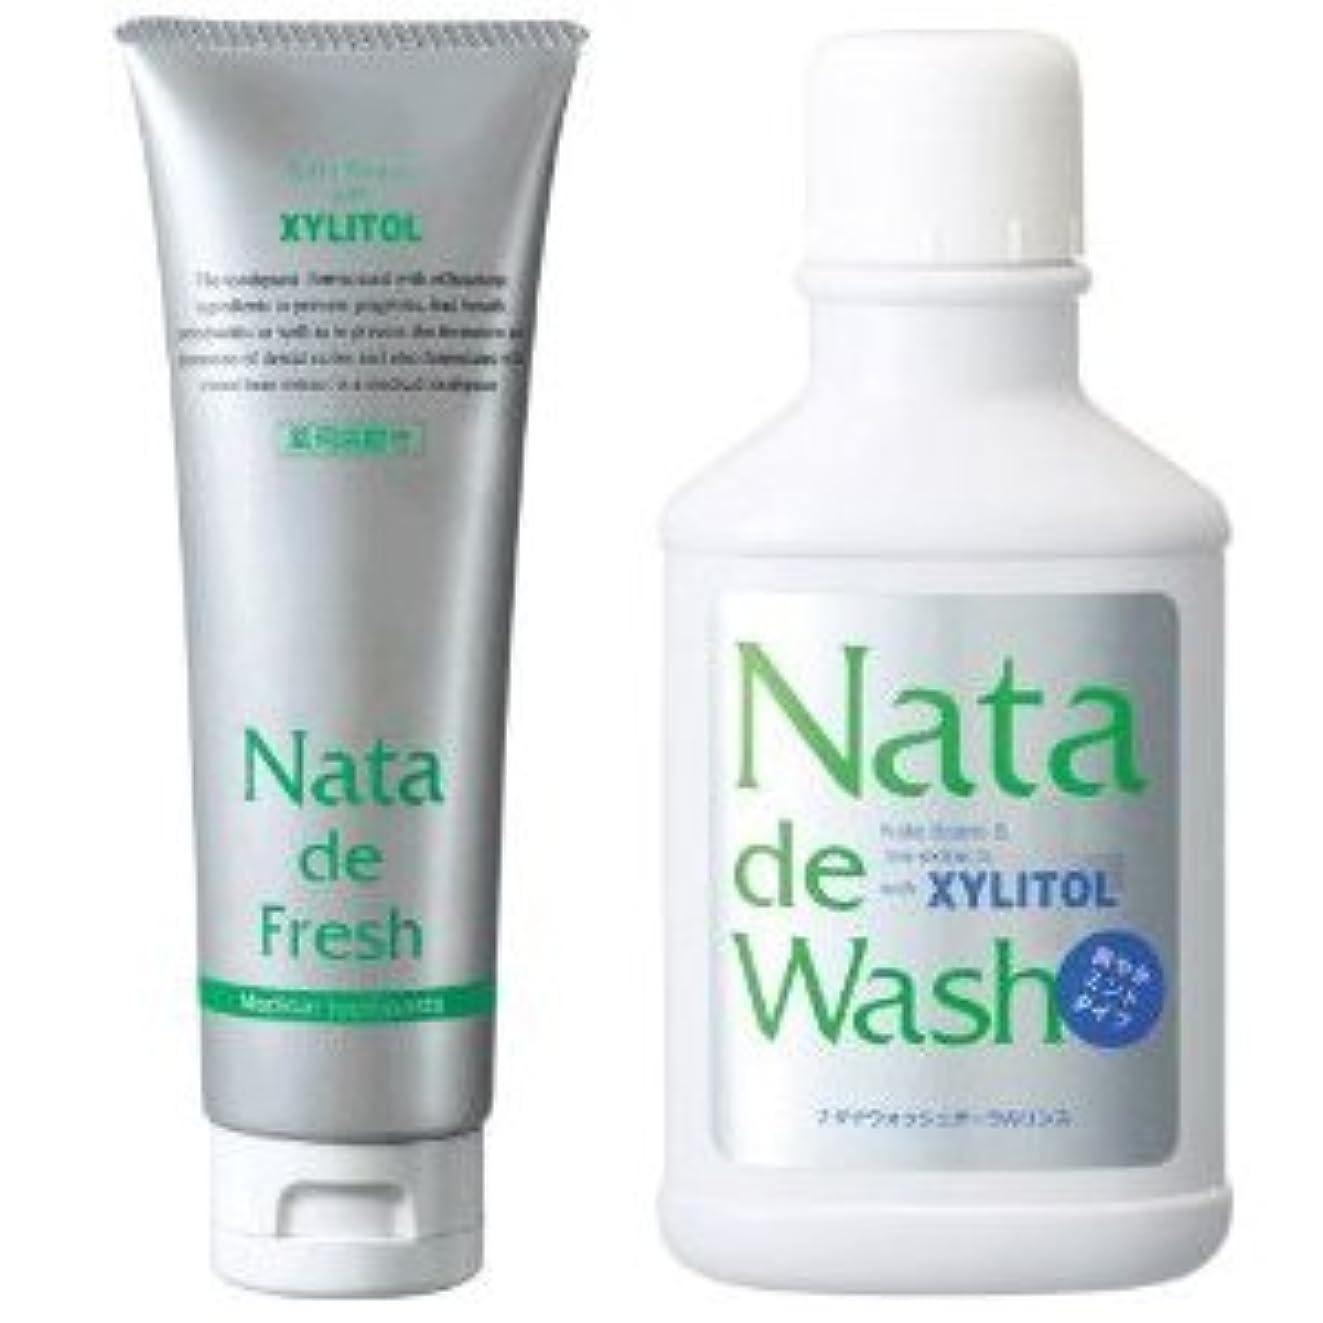 彼の利用可能時々ナタデウォッシュ 口内環境セット 歯磨き+マウスウォッシュ ナタデフレッシュ+バラデウォッシュ